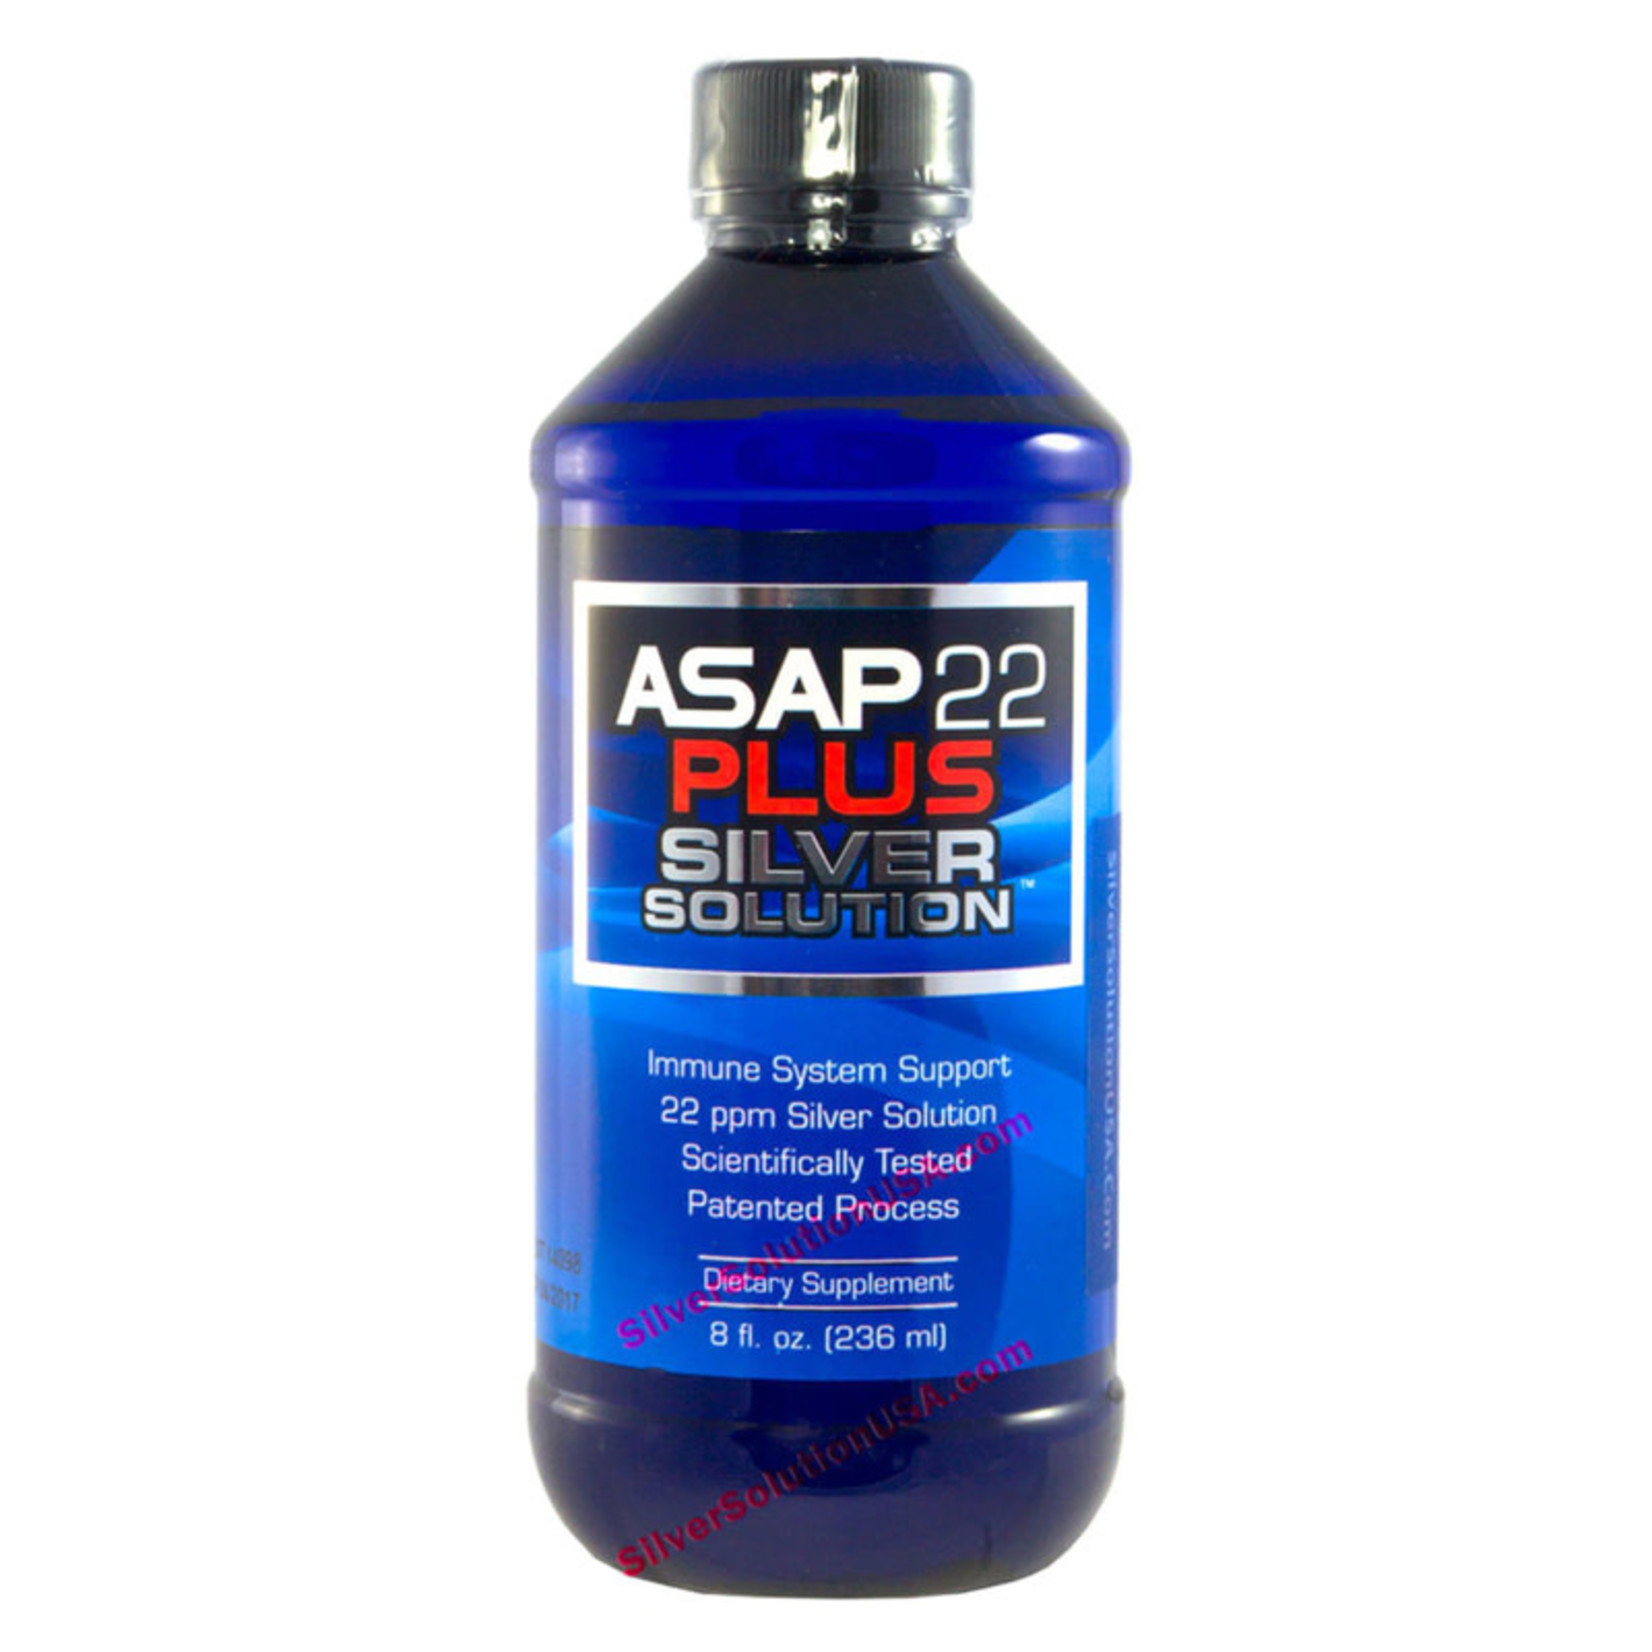 ASAP Silver - 22 ppm